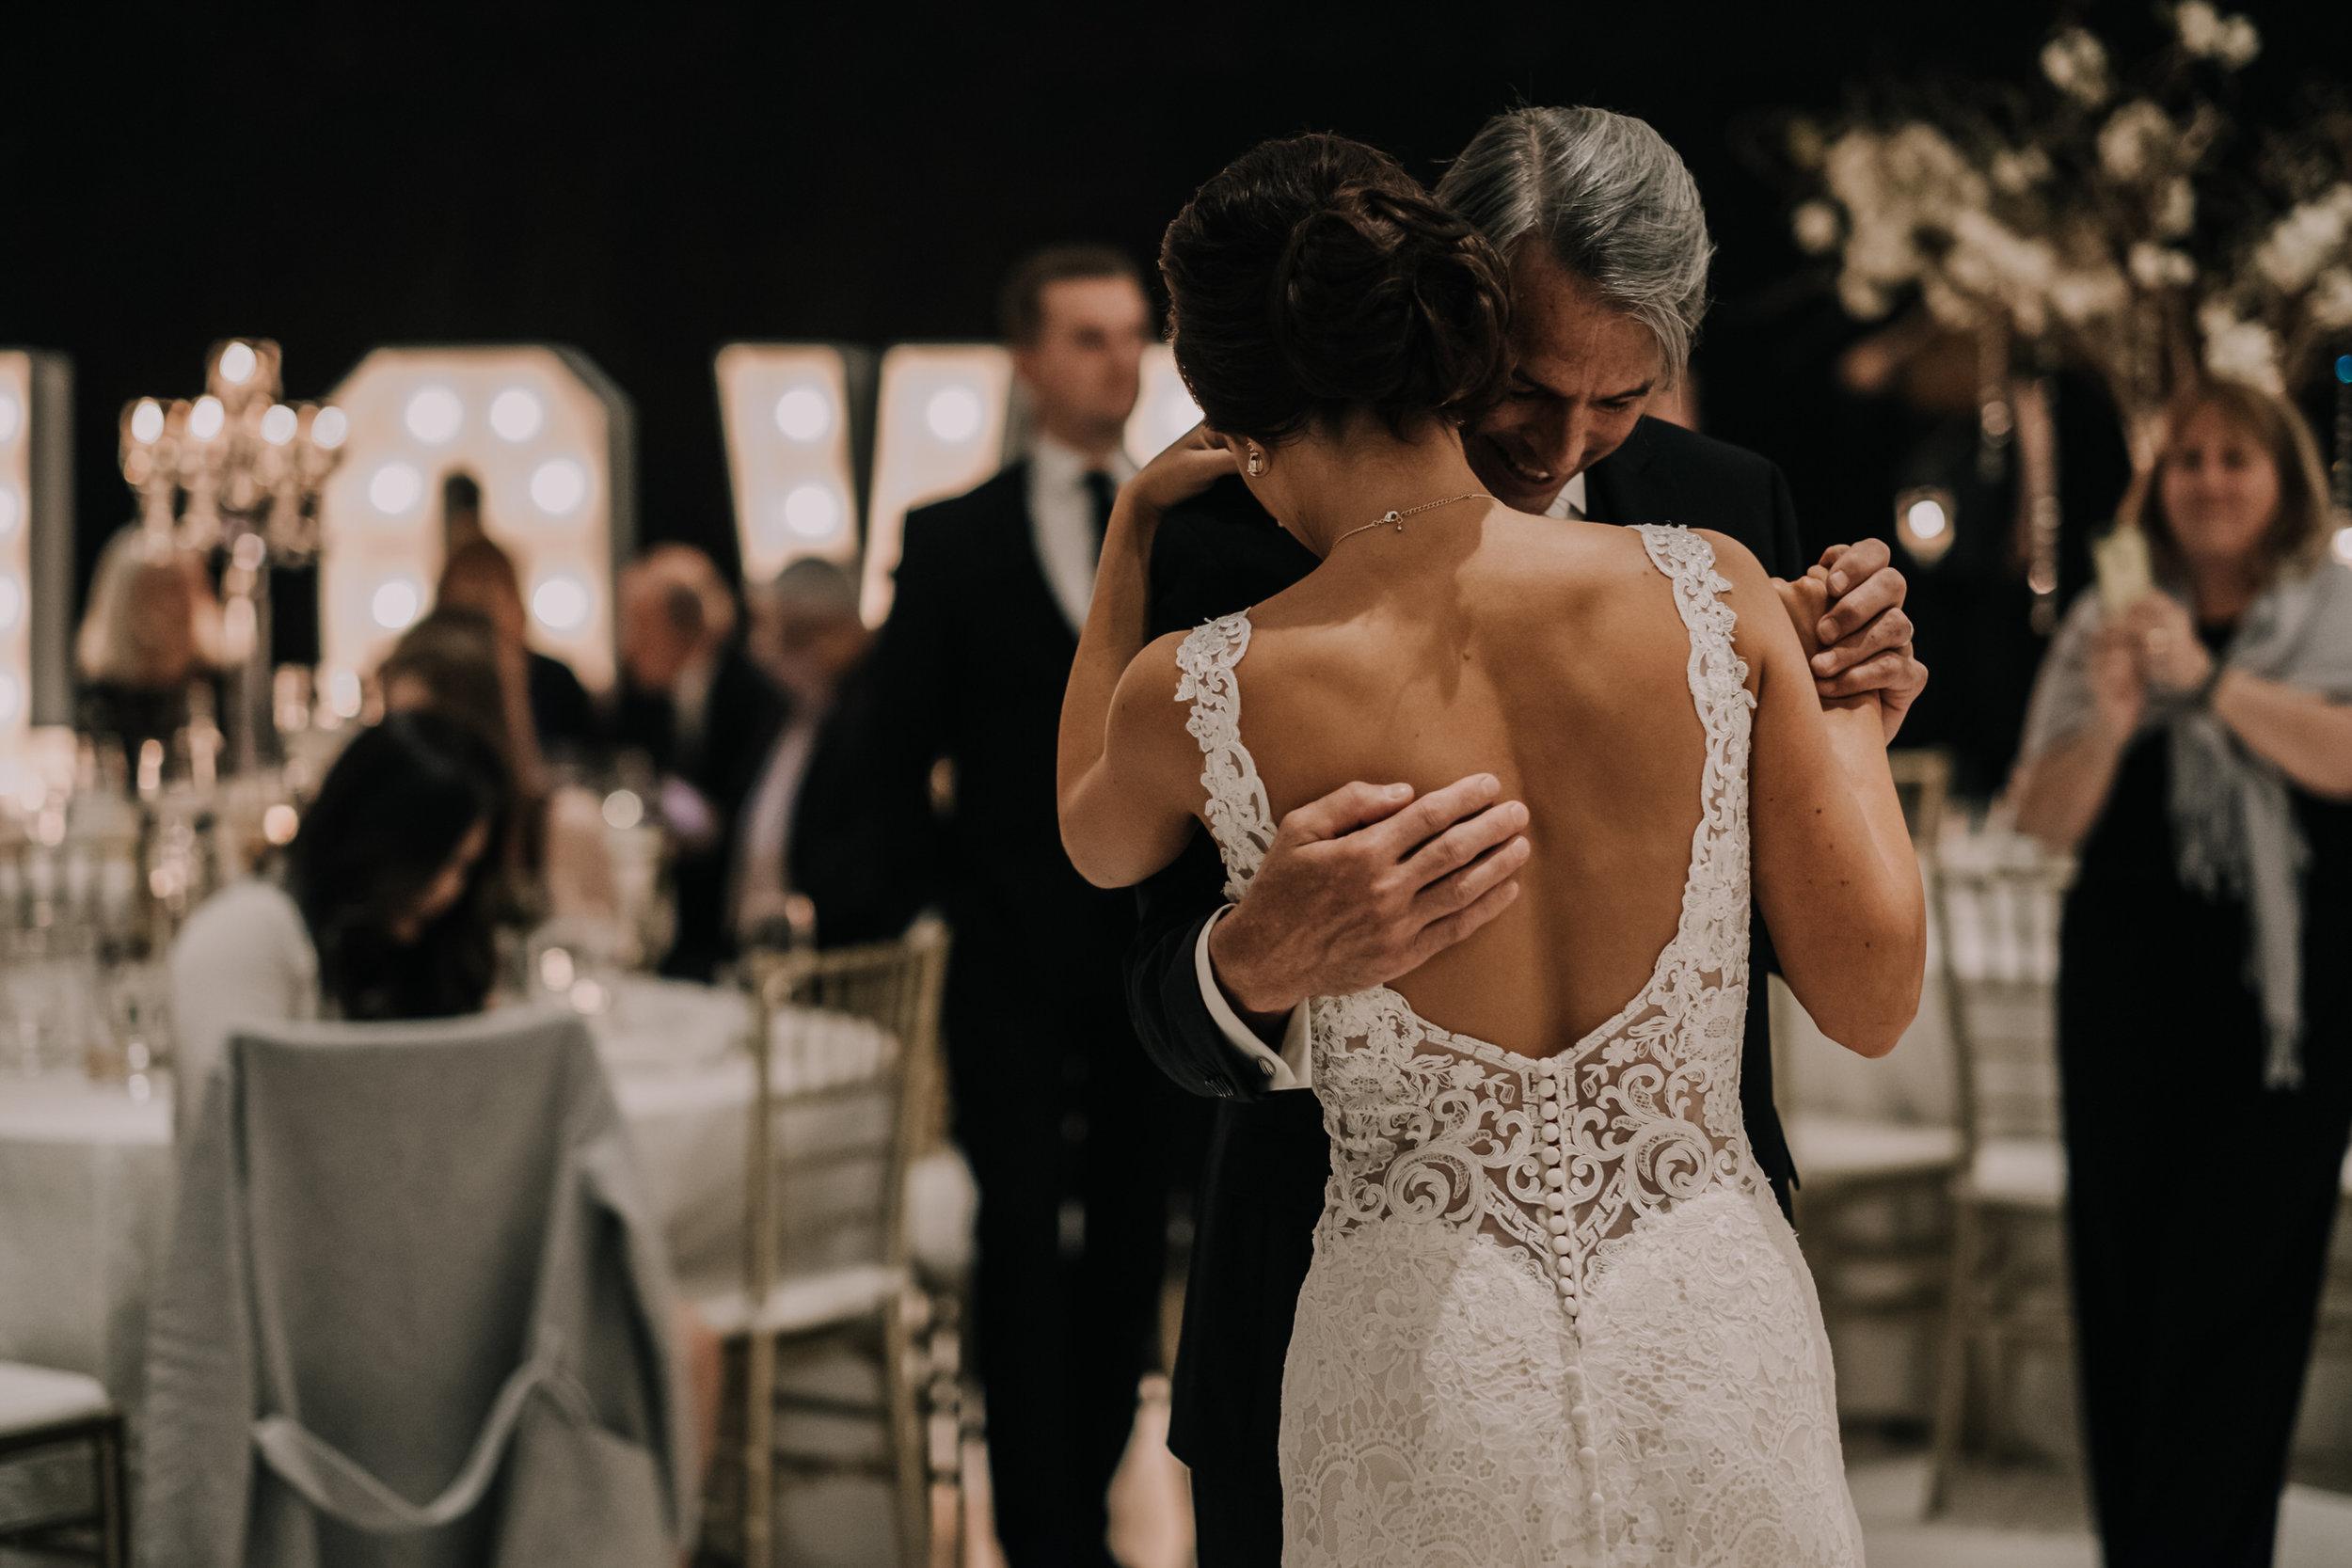 Pitt Meadows Wedding Photographer - Sky Hangar Wedding Photos - Vancouver Wedding Photographer & Videographer - Sunshine Coast Wedding Photos - Sunshine Coast Wedding Photographer - Jennifer Picard Photography - DSCF5824.jpg